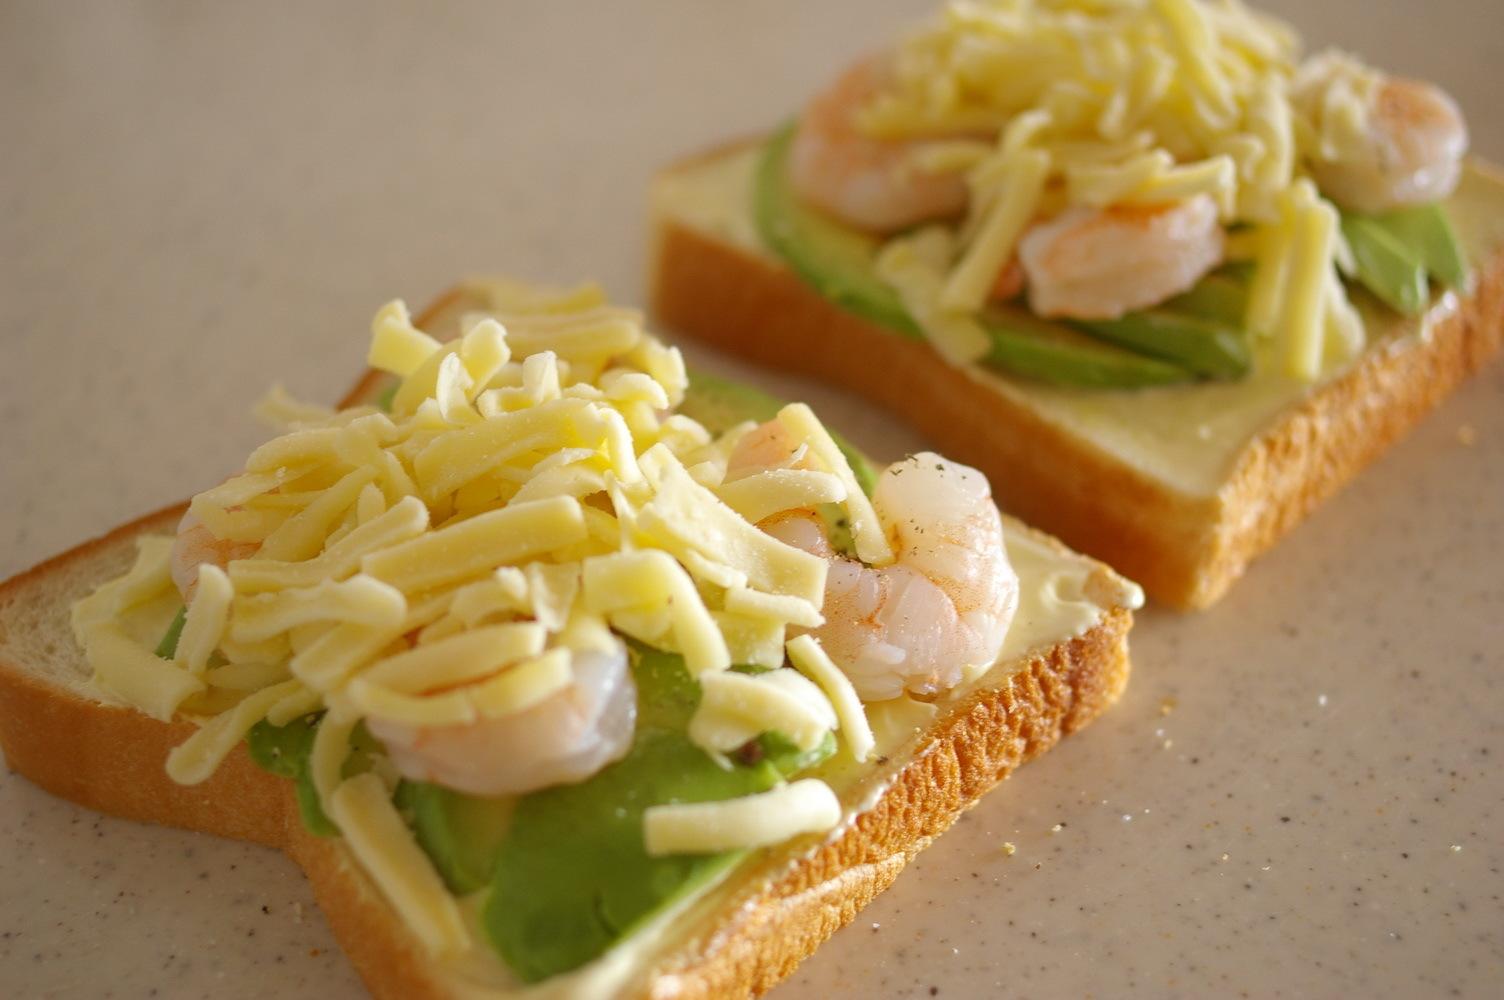 海老とアボカドの冷凍ピザパン【レシピ】_d0327373_17591494.jpg